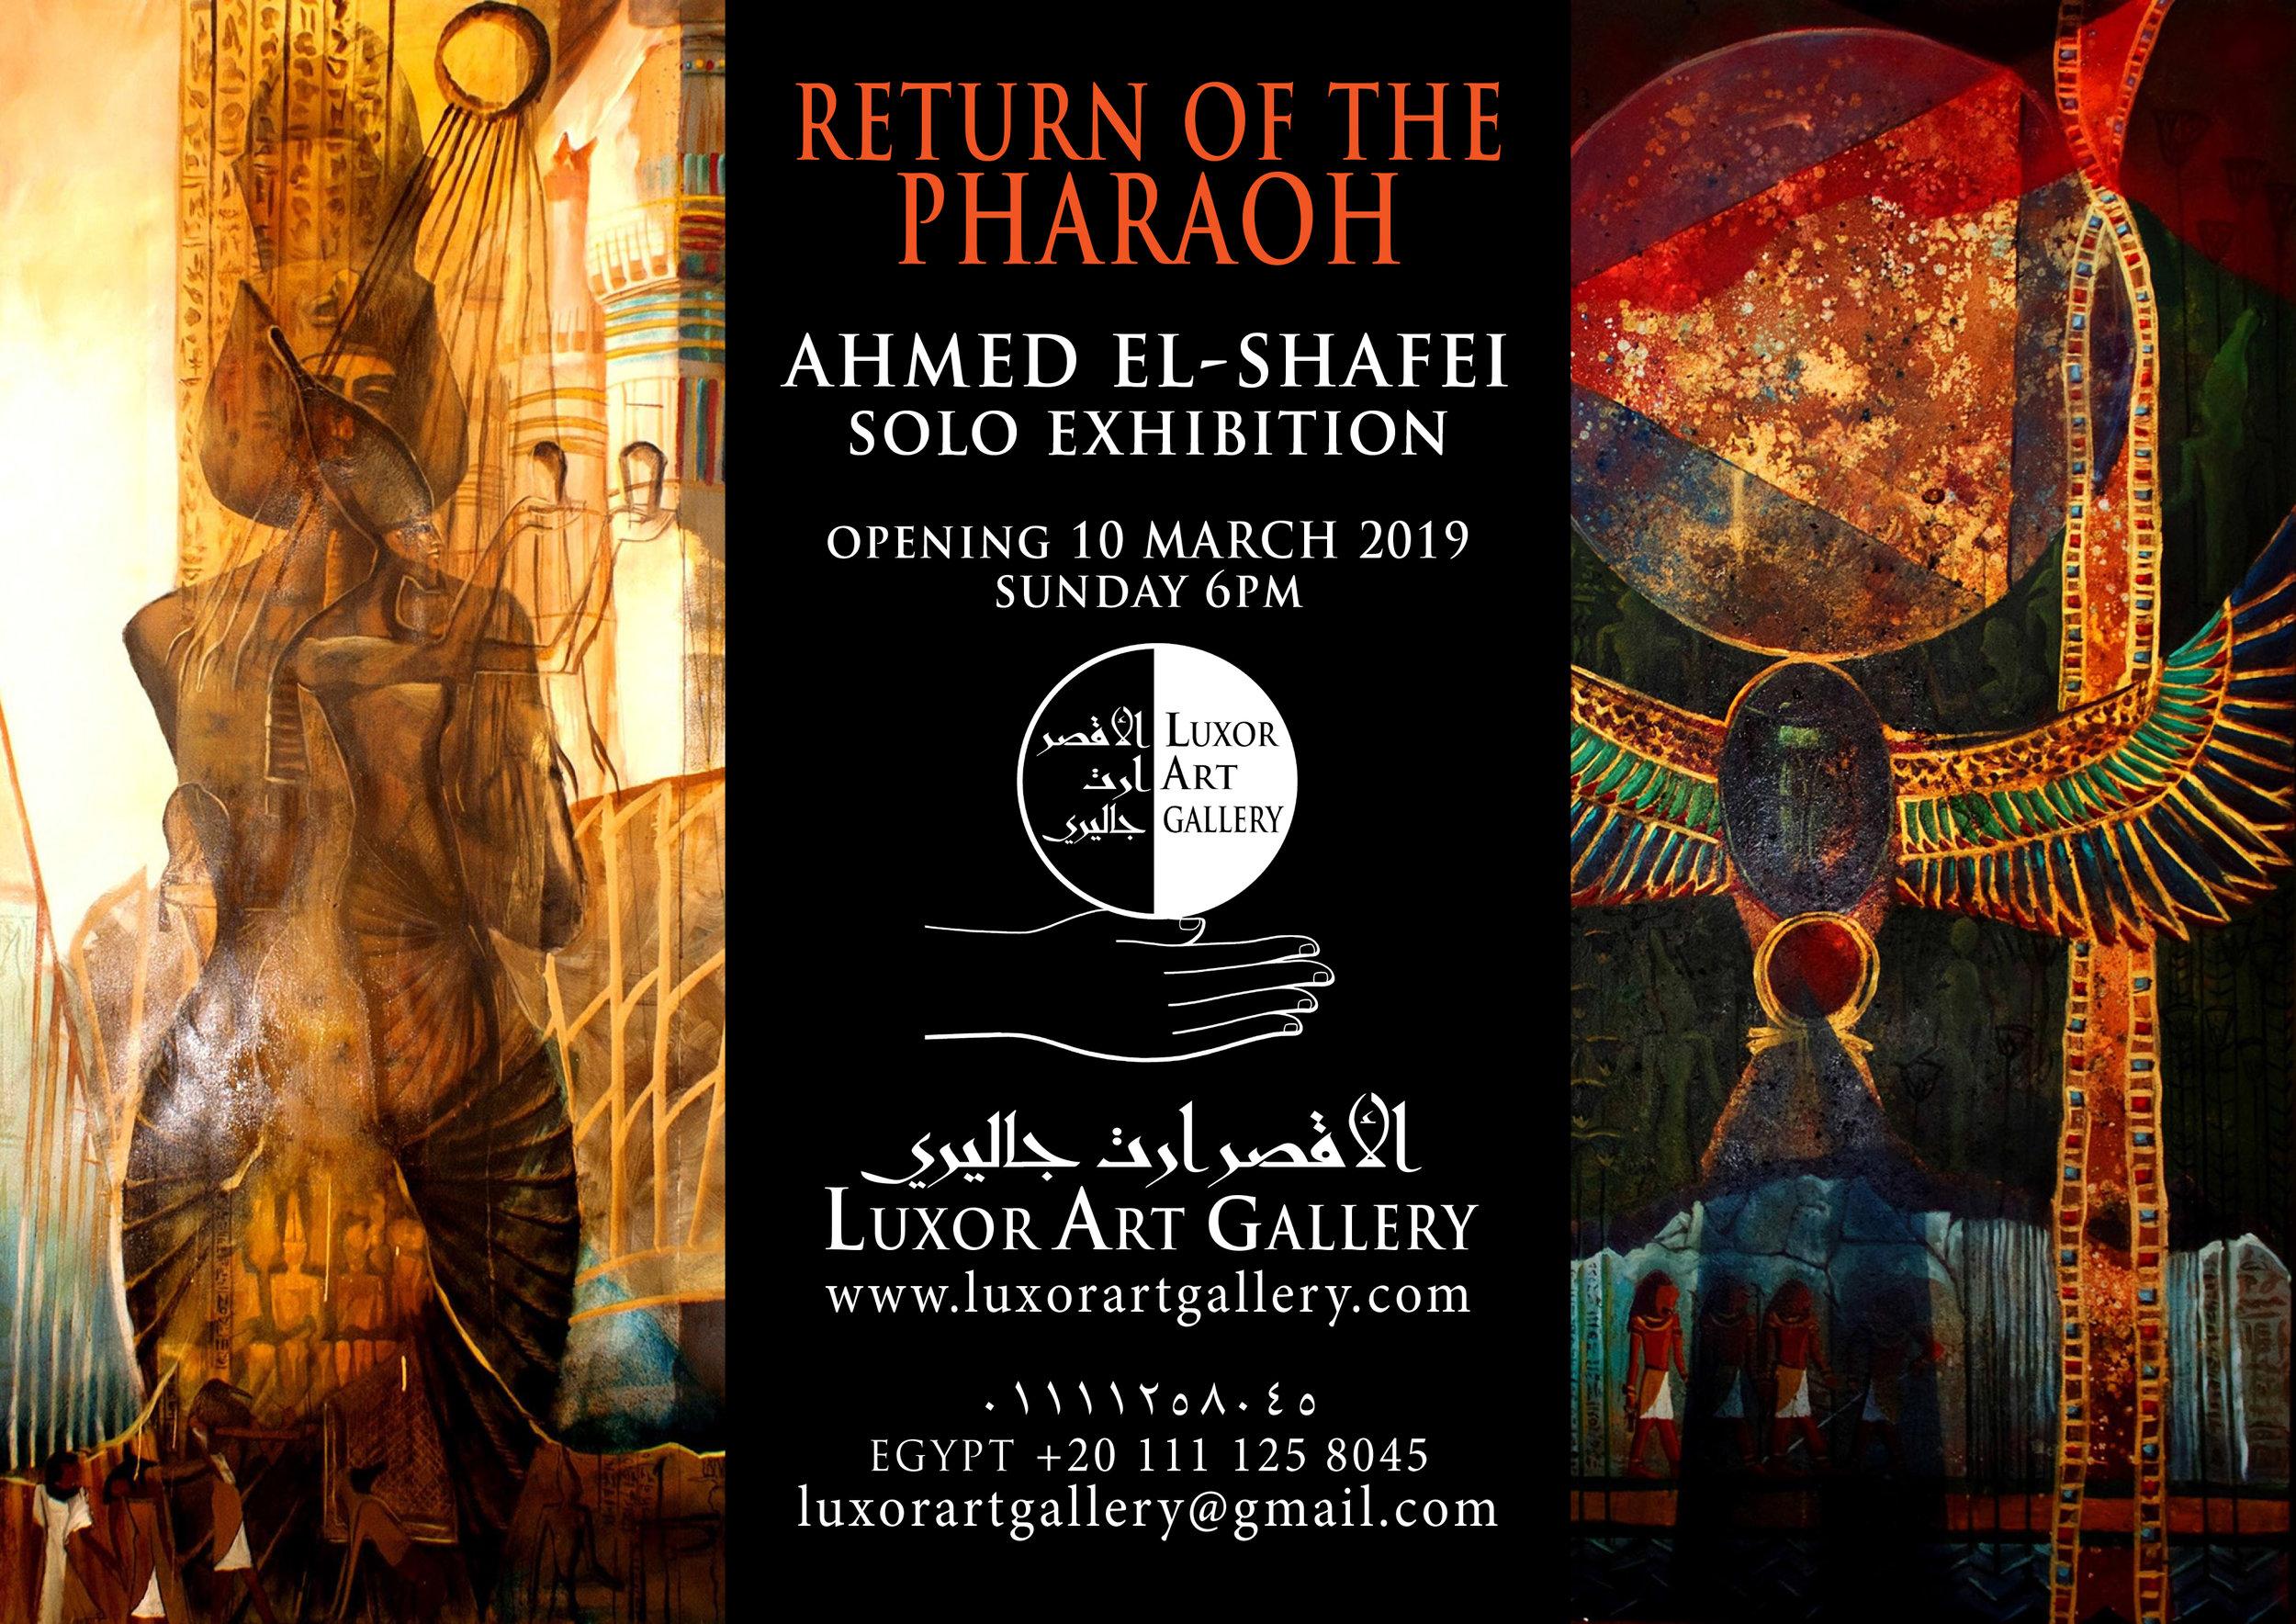 AHMED EL SHAFEI EXHIBIT.jpg